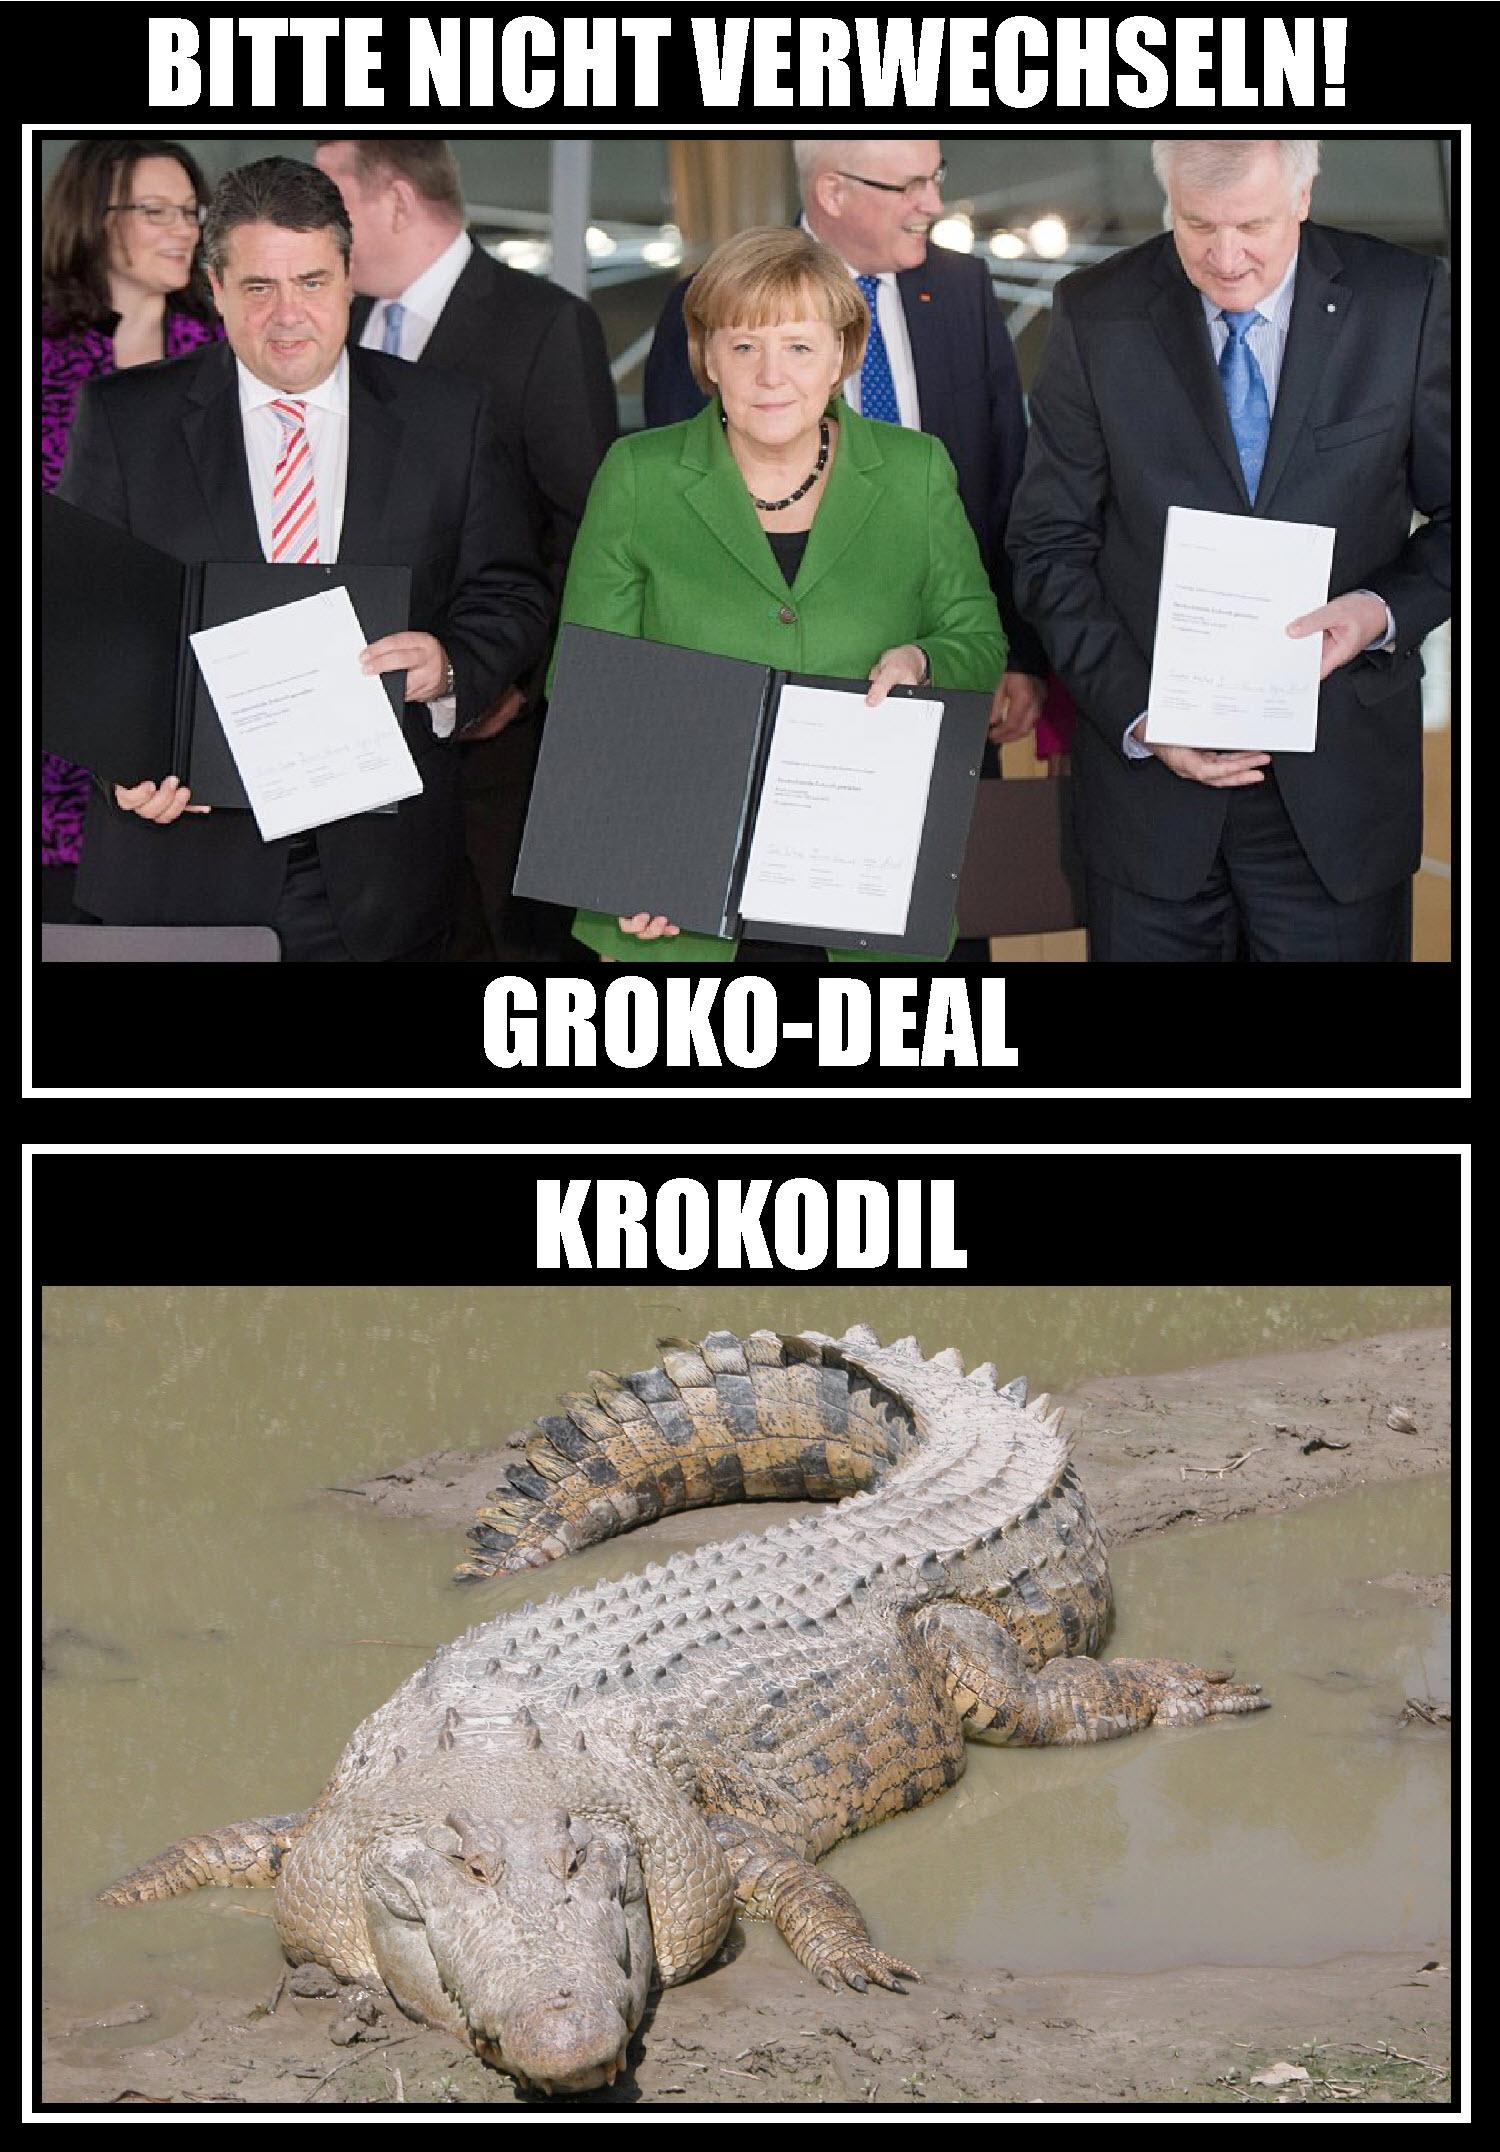 grokodil